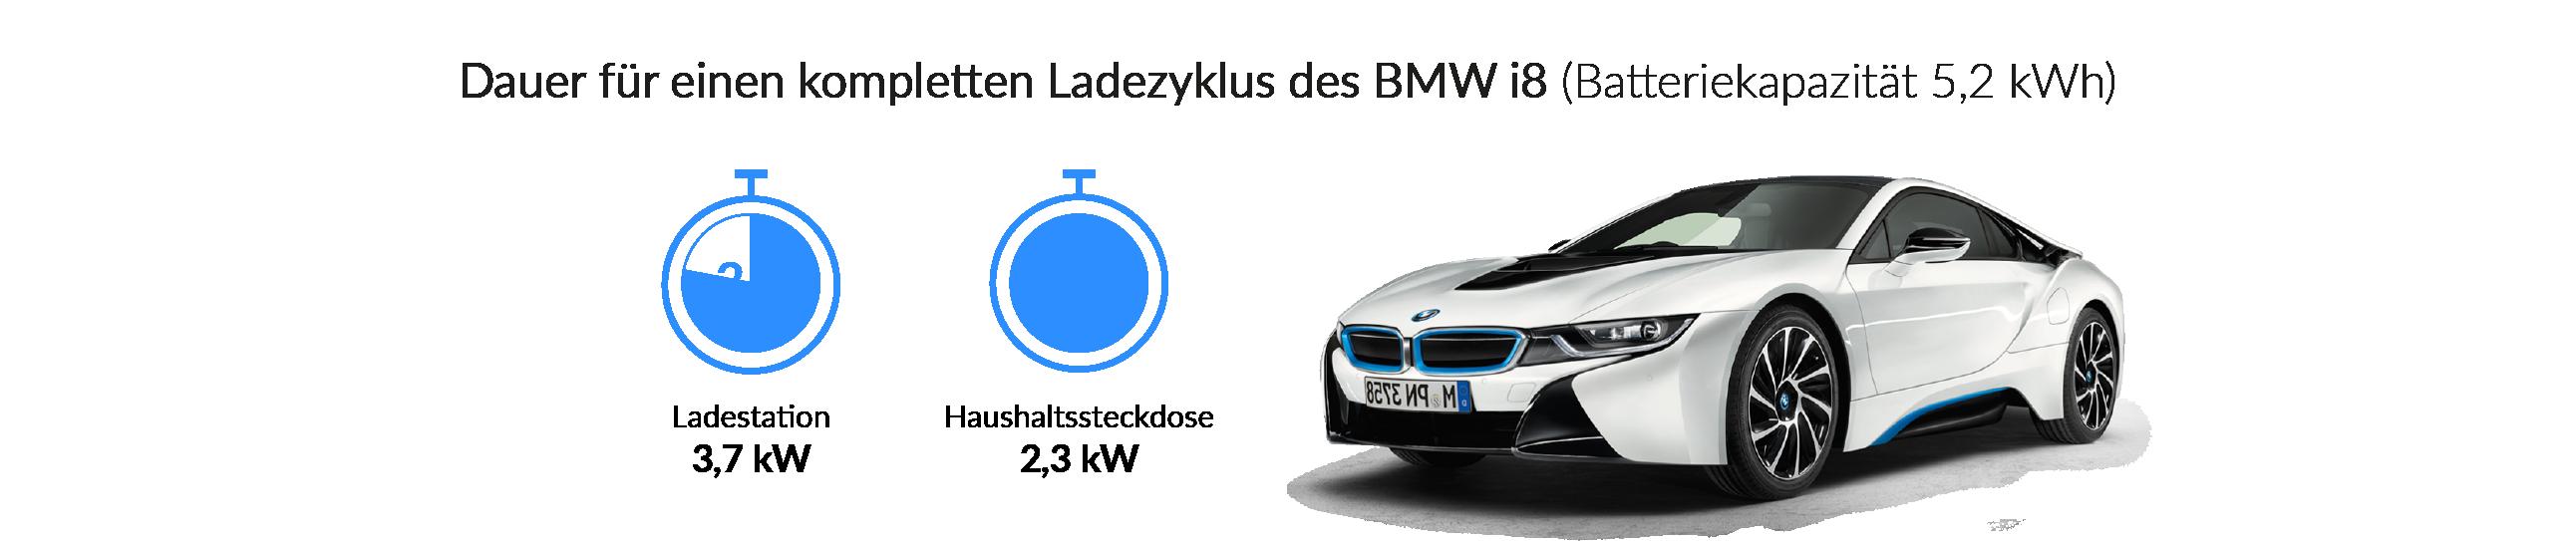 Ladezeiten des BMW i8